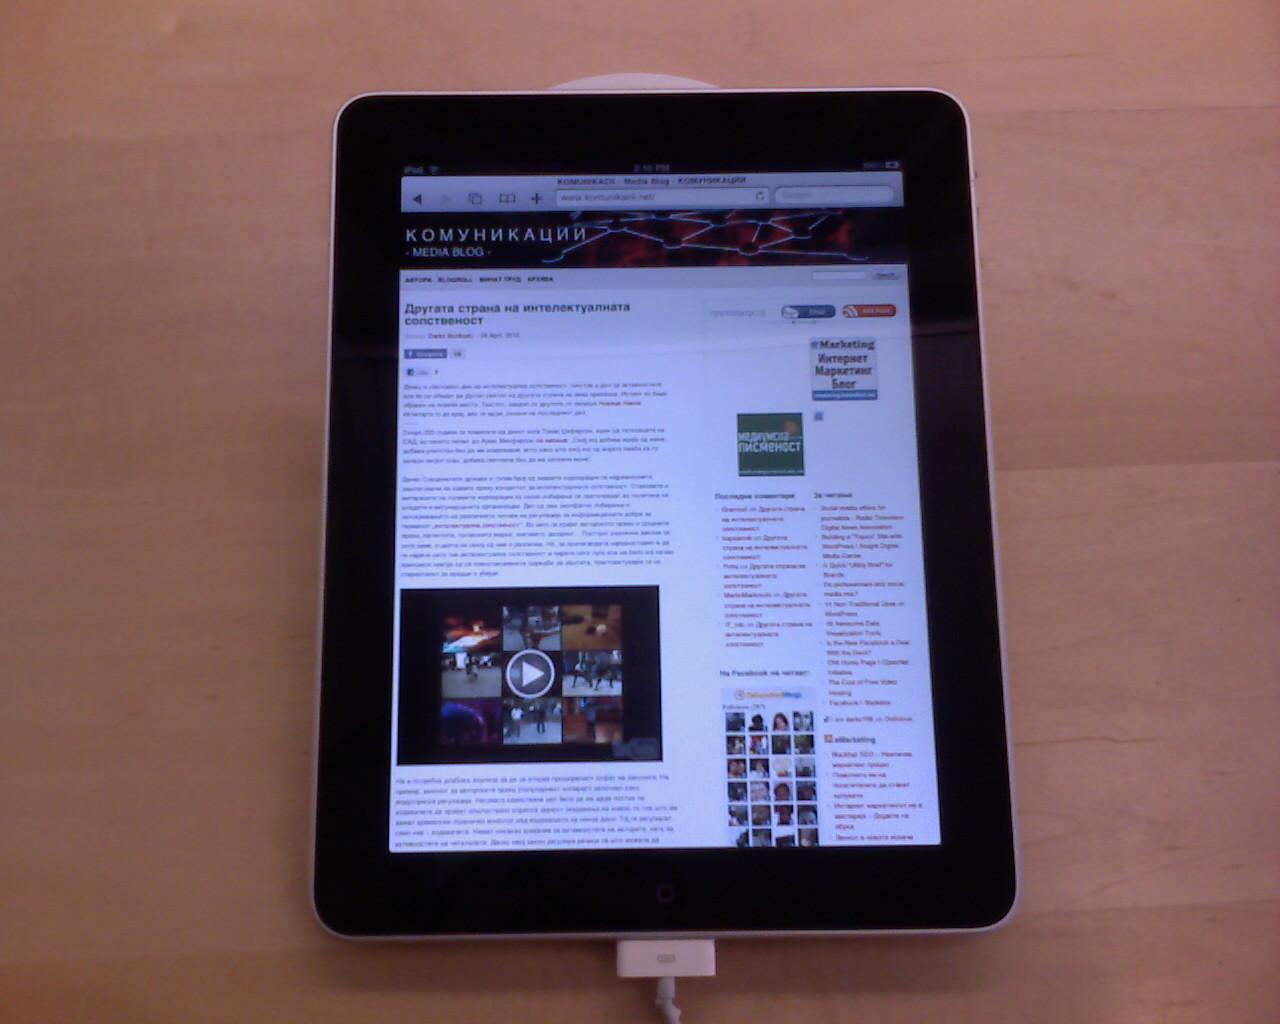 Комуникации.нет на iPad